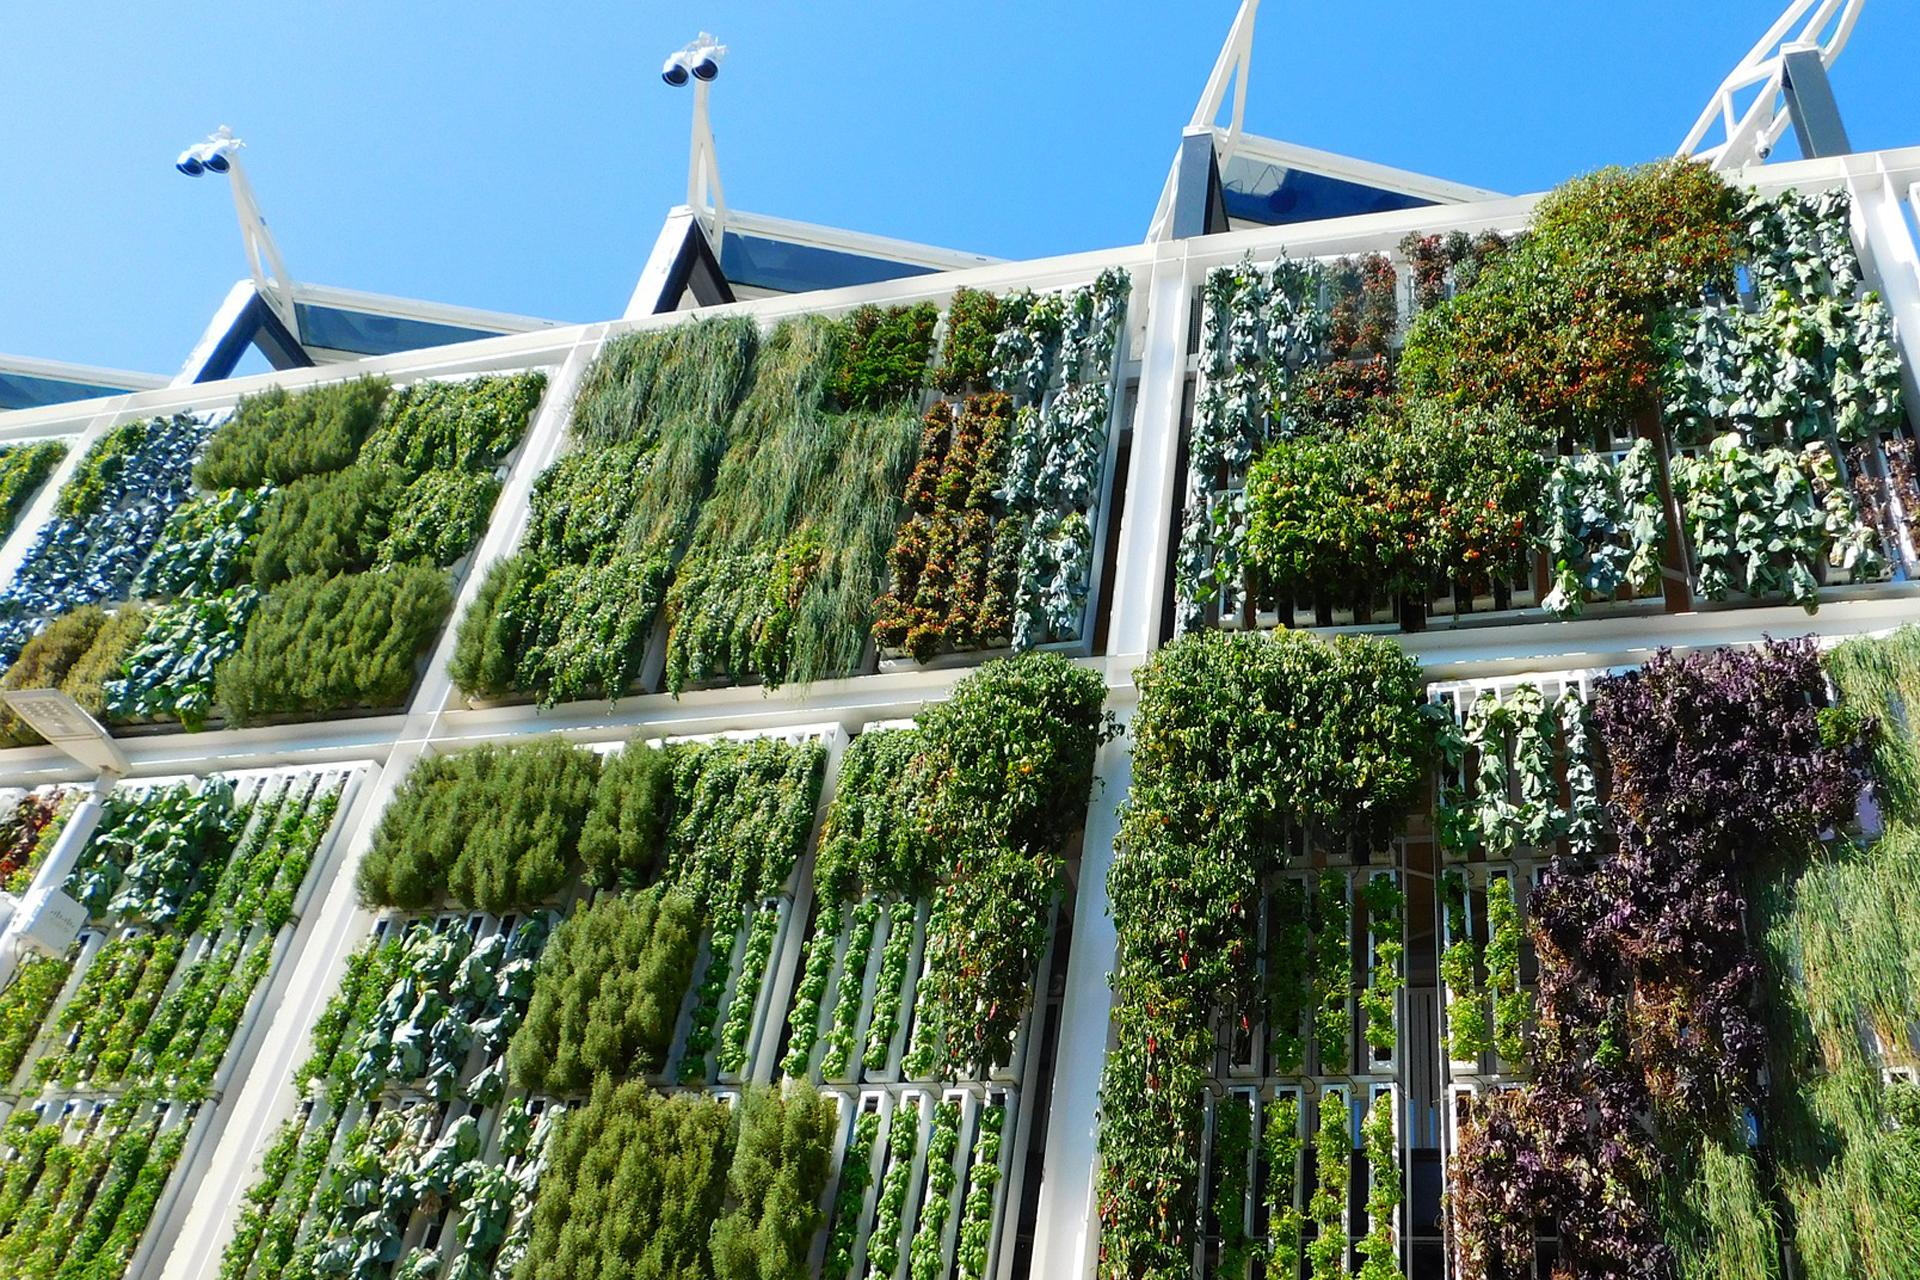 Terrazas y balcones verdes: mejorando el entorno en el que vivimos